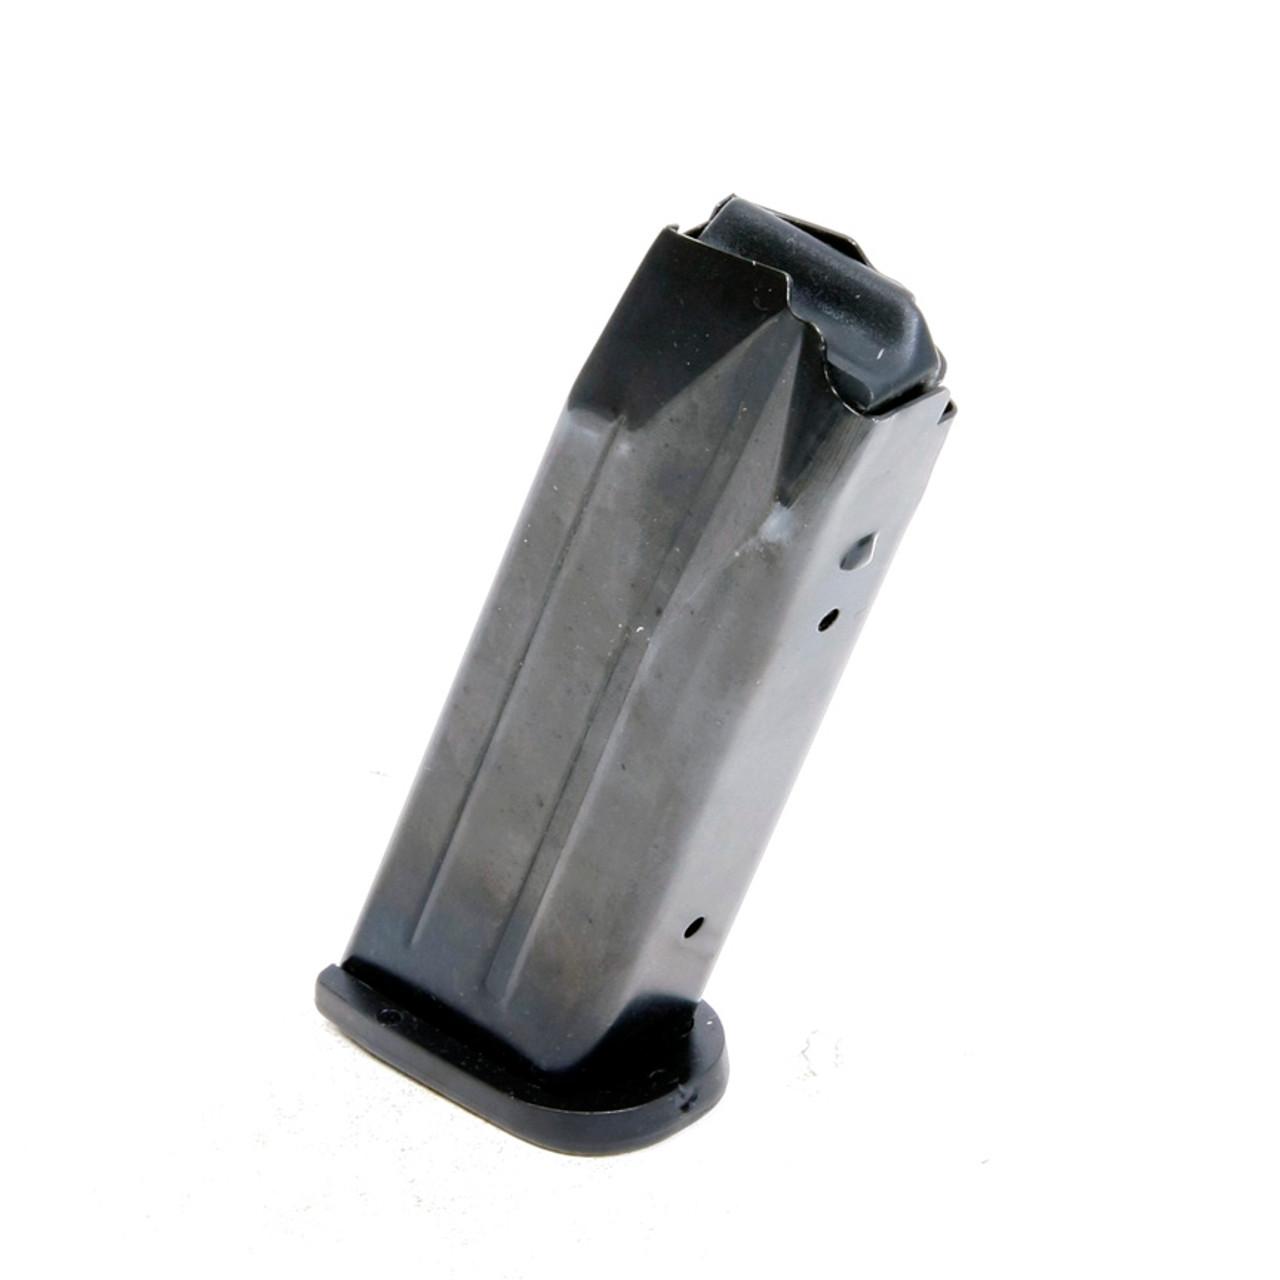 HK® USP® Full Size Pistol .45 ACP (12) Rd - Blue Steel